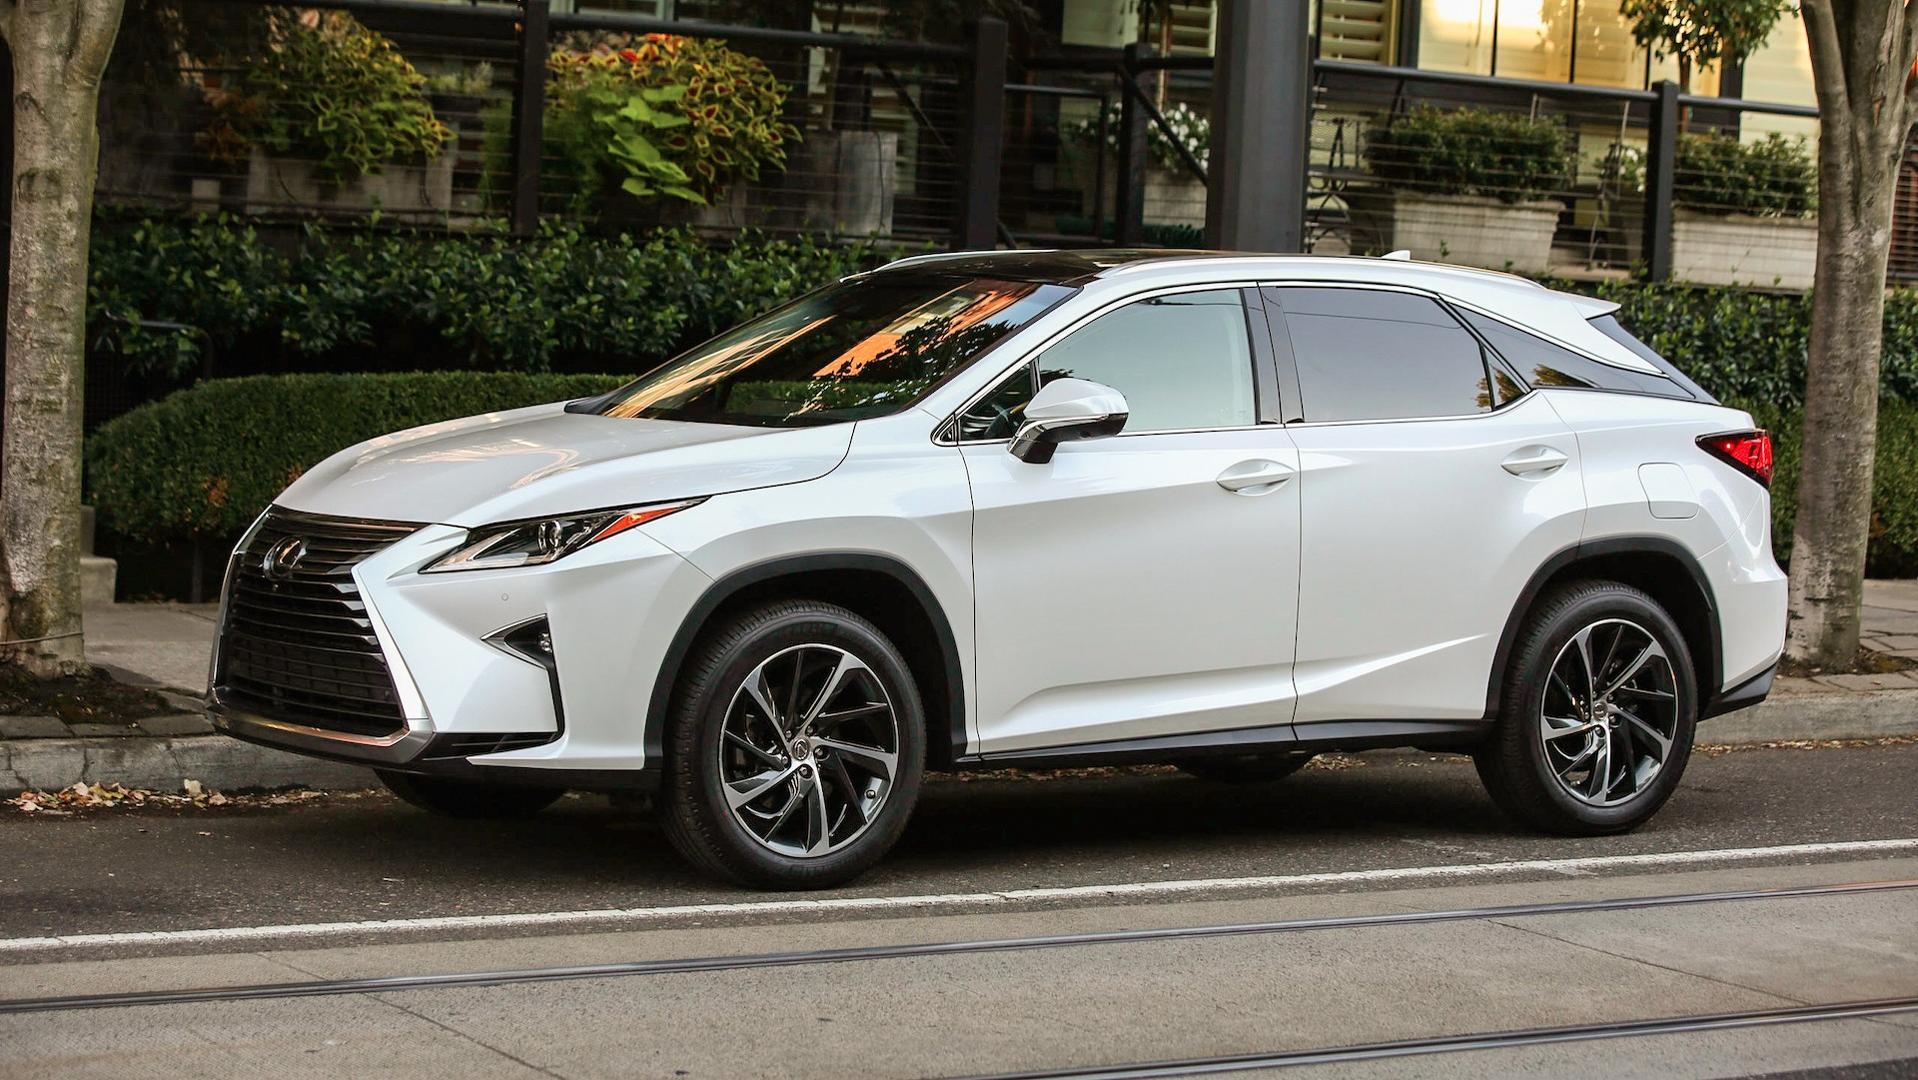 Lexus Rx News And Reviews Motor1 Com